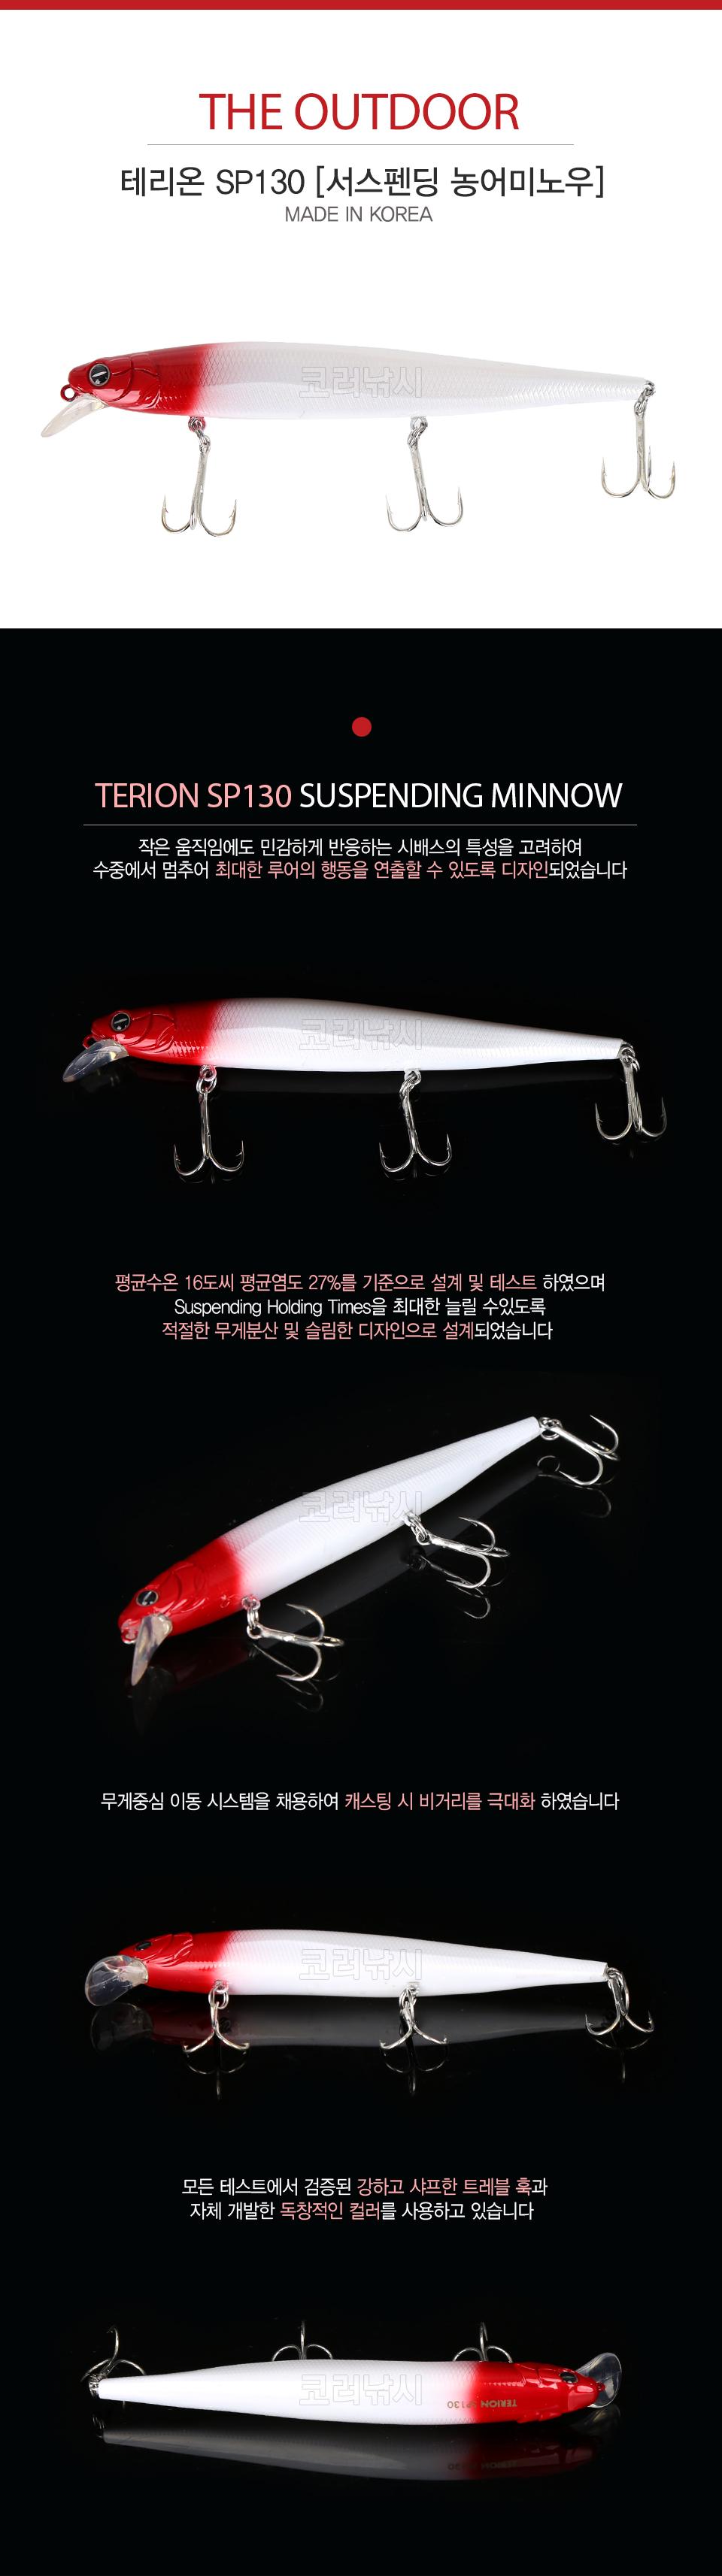 디아웃도어 테리온 SP130 (Terion Minnow SP130) [서스펜딩농어미노우] MADE IN KOREA 서스펜딩미노우 농어하드베이트 SUSPENDING